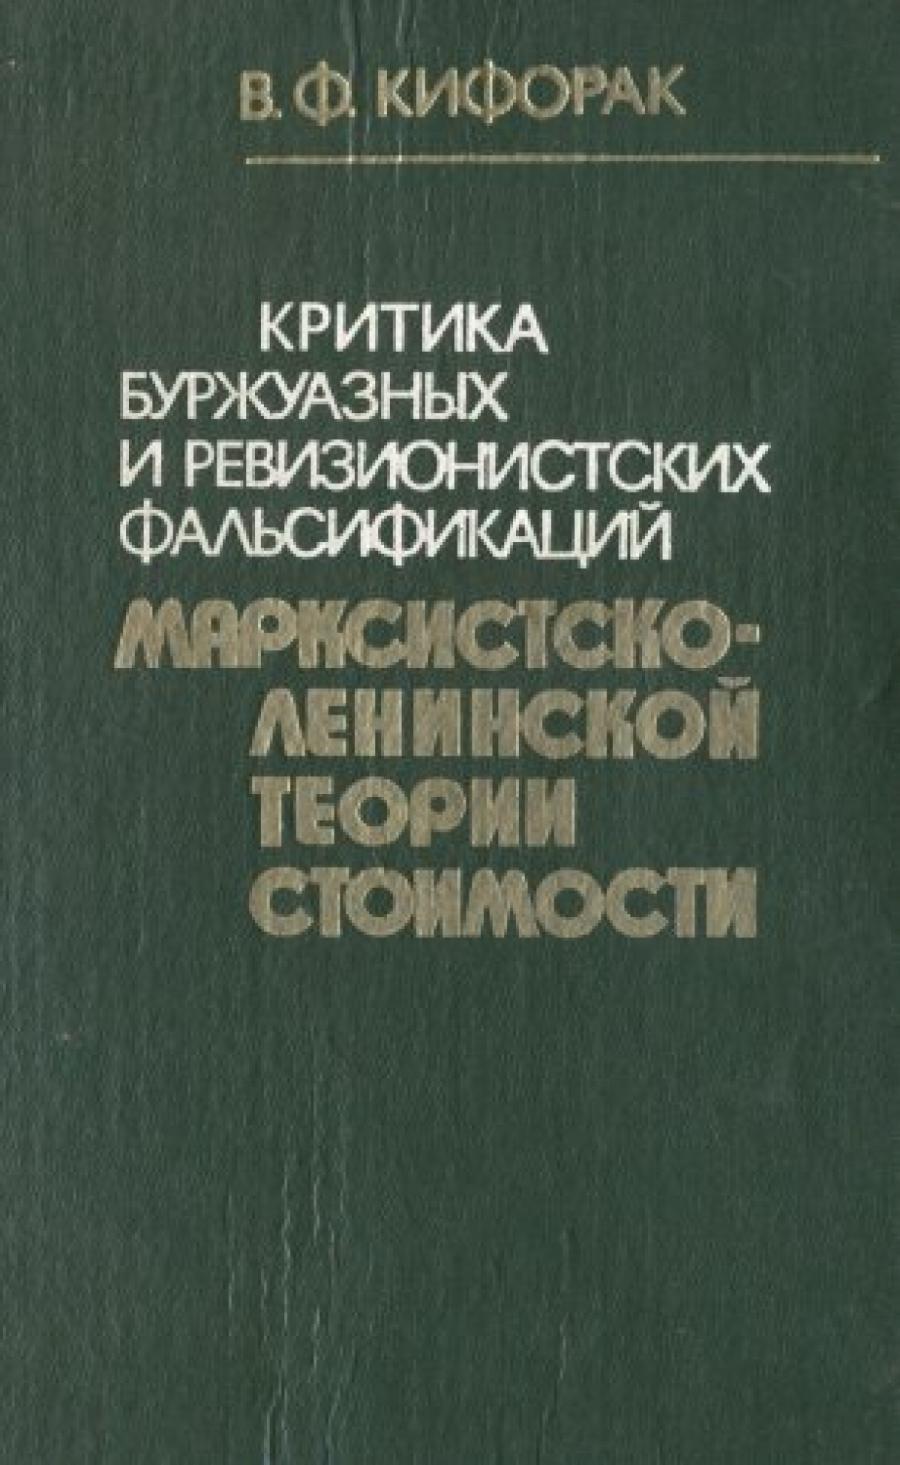 Обложка книги:  кифорак в.ф. - критика буржуазных и ревизионистских фальсификаций марксистско-ленинской теории стоимости